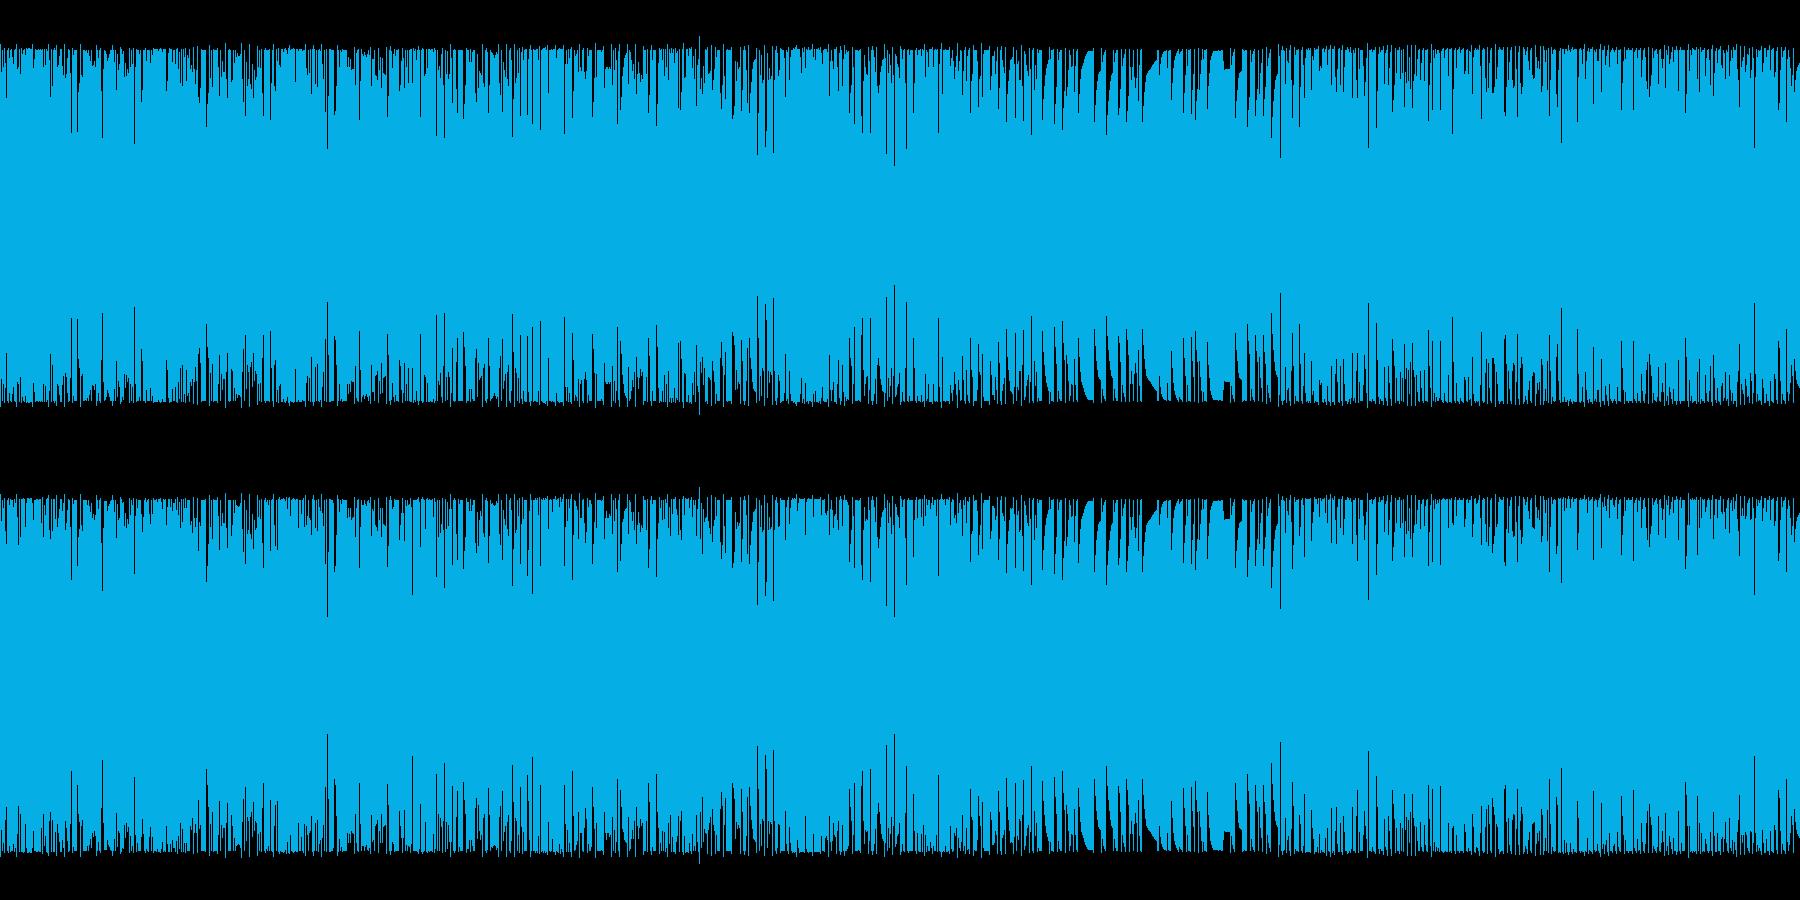 何かがスタートするようなBGMの再生済みの波形